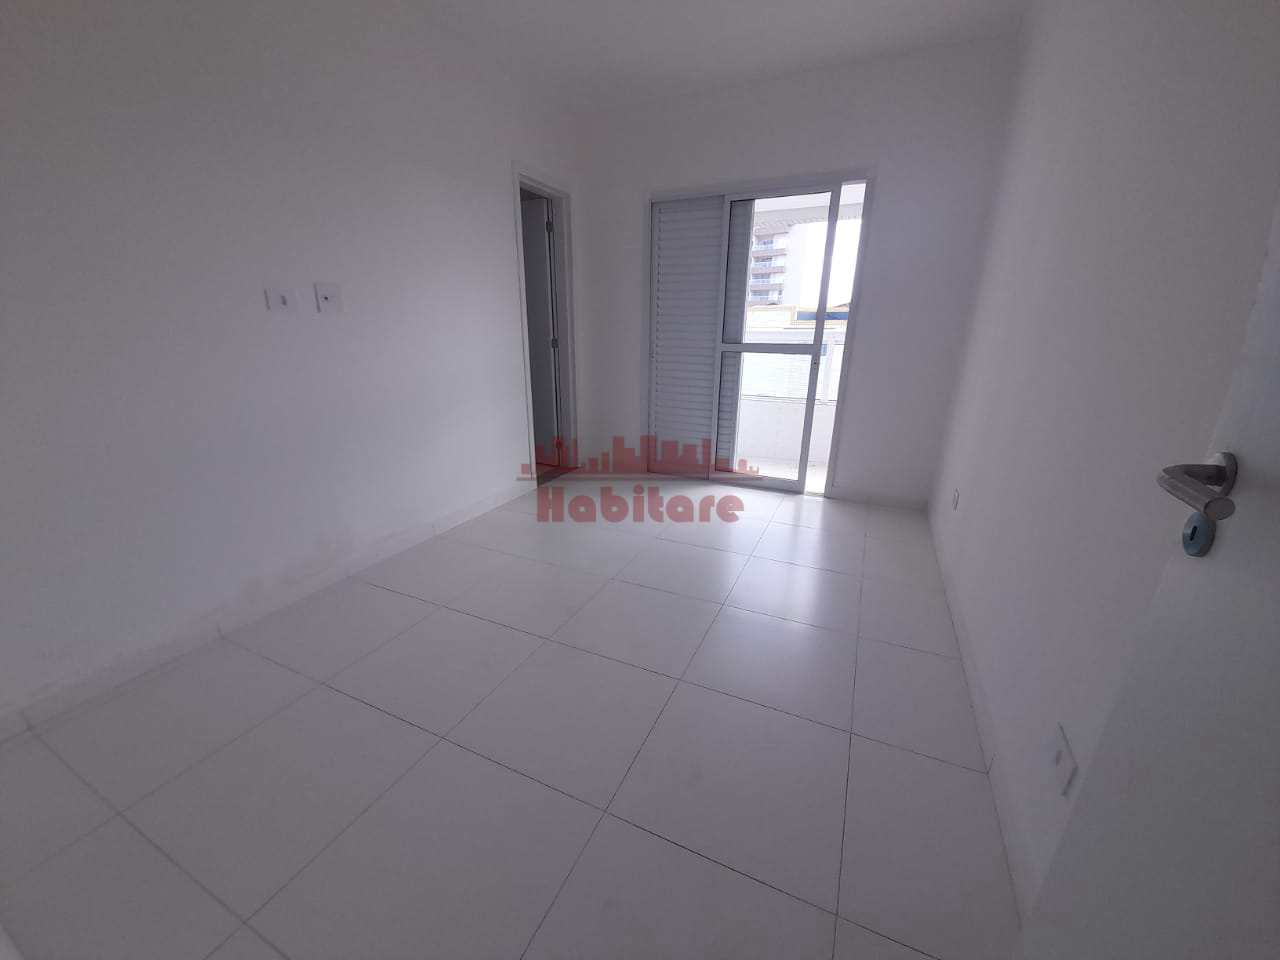 Apartamento com 2 dorms, Aviação, Praia Grande - R$ 600 mil, Cod: 663163